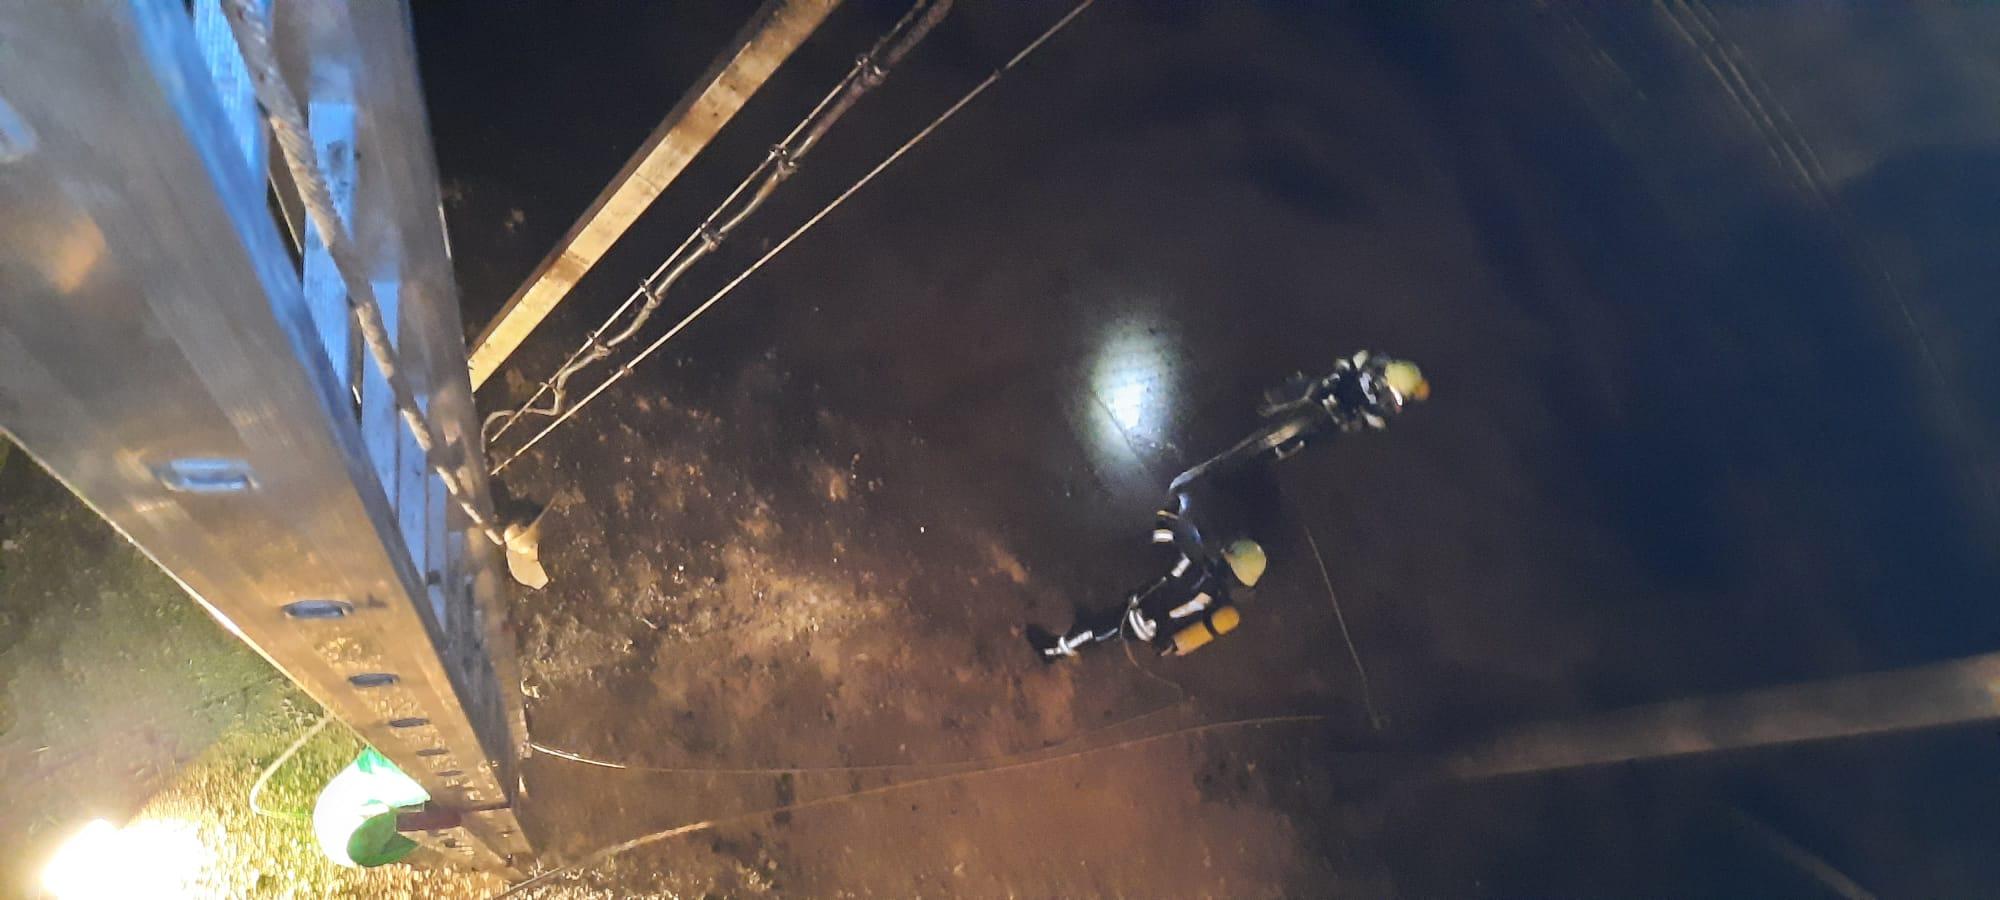 Feuerwehrleute mit Atemschutzausrüstung in einem Silo